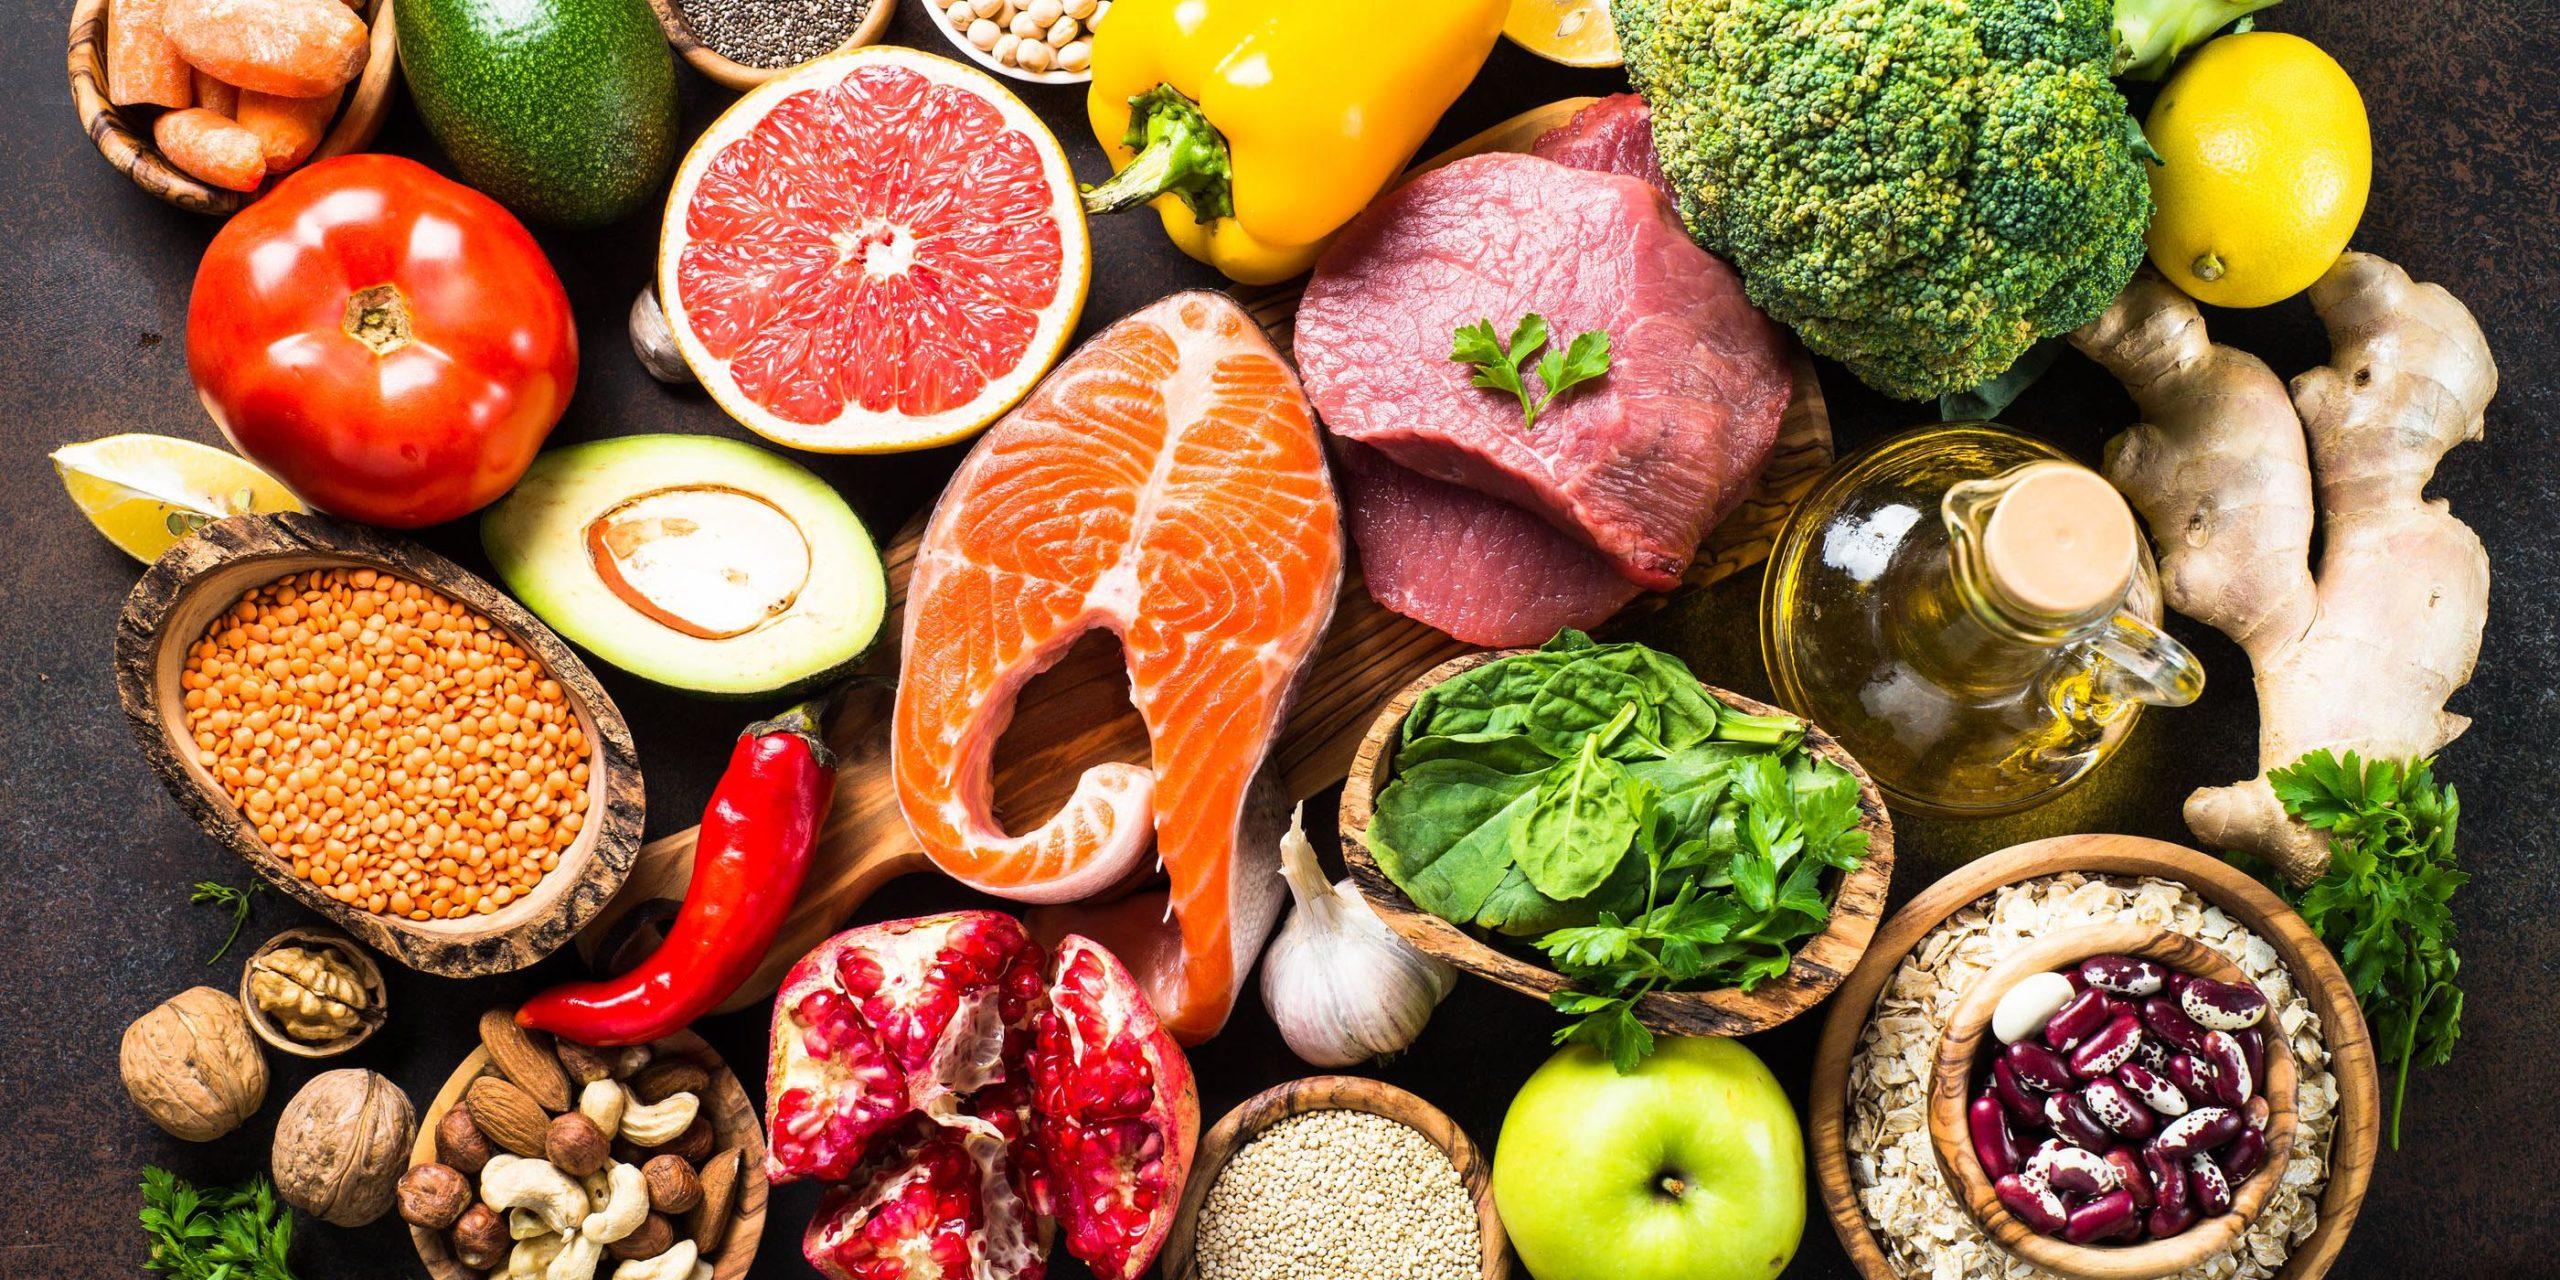 Conoce los alimentos más nutritivos del mundo | El Imparcial de Oaxaca